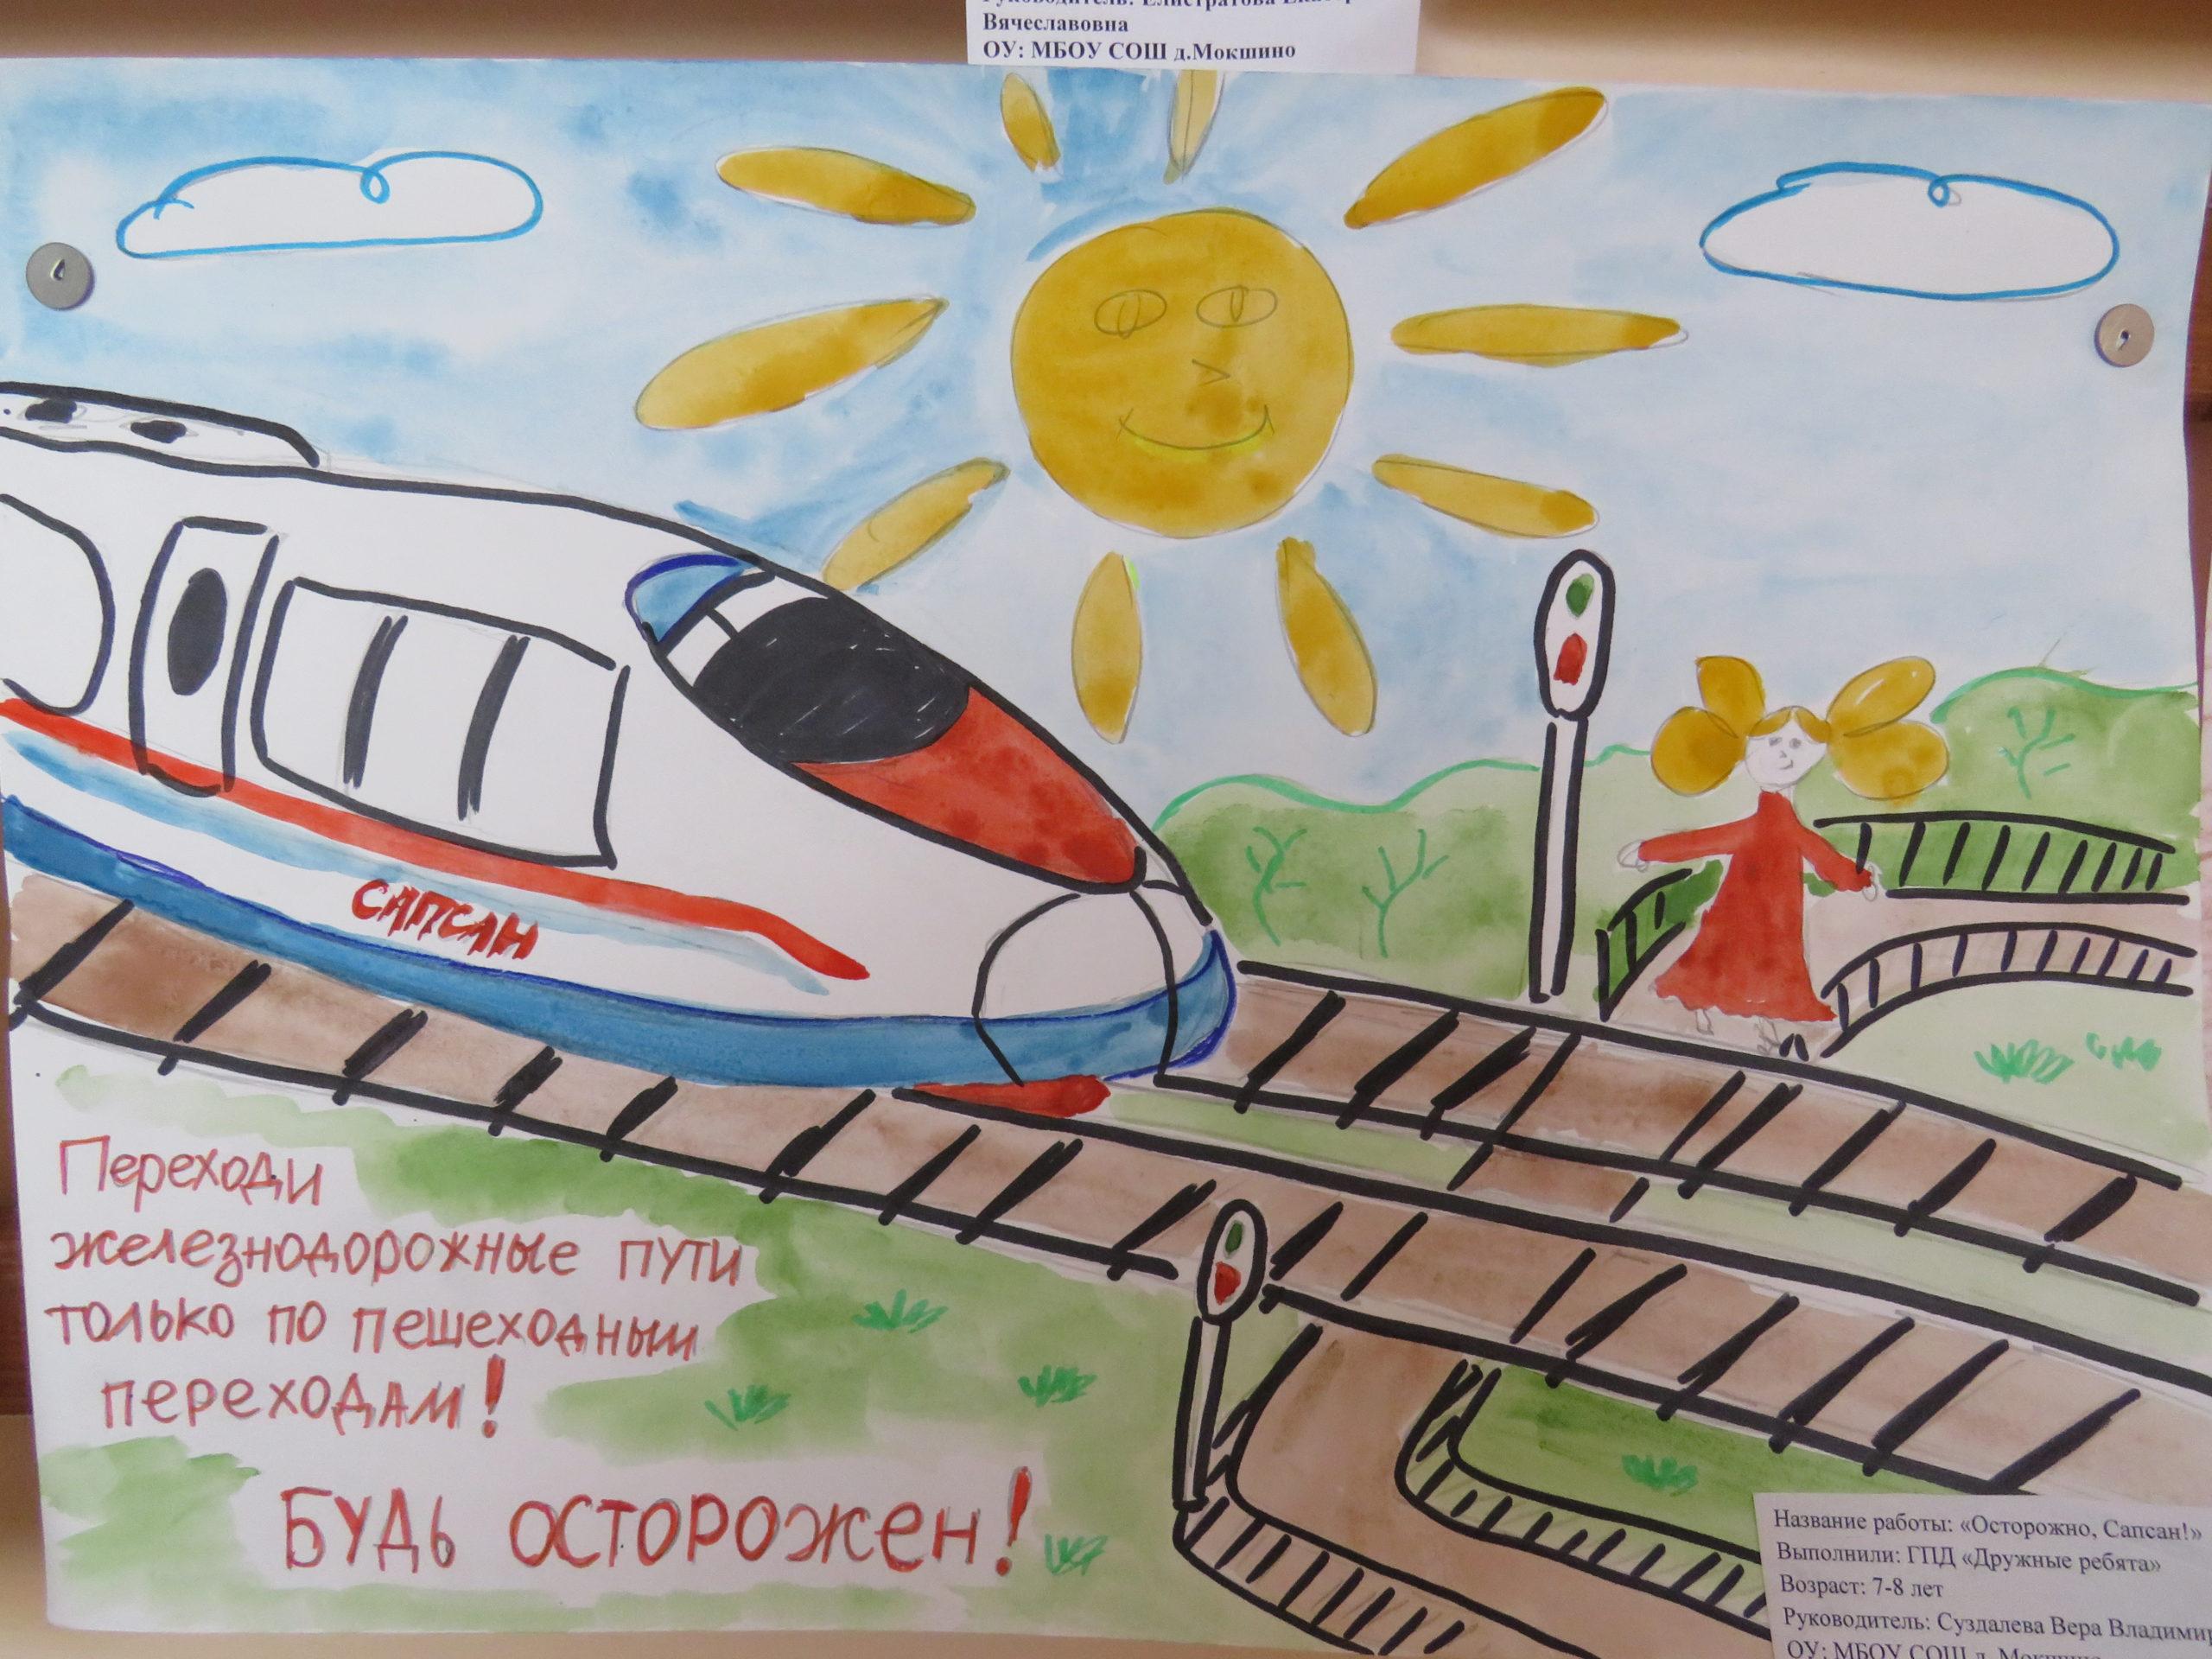 Для тверских детей провели конкурс рисунков на тему безопасности на железной дороге